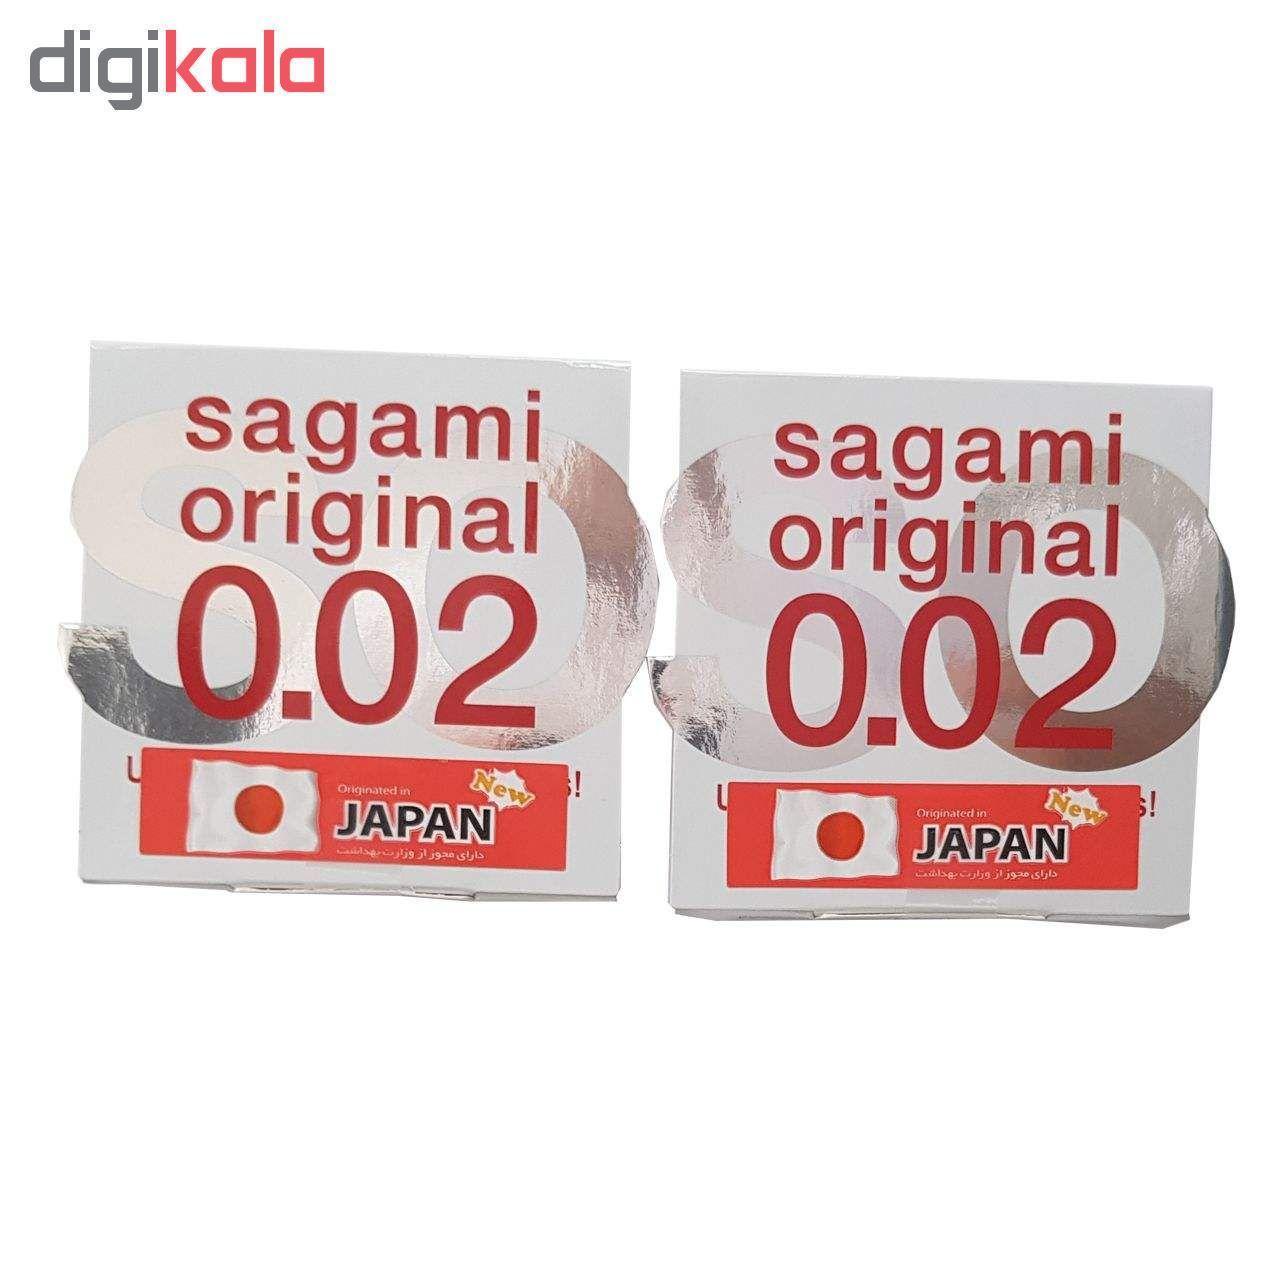 کاندوم ساگامی مدل نرمال مجموعه 4 عددی به همراه کاندوم بادی گارد مدل مکس پلژر مجموعه 4 عددی main 1 2